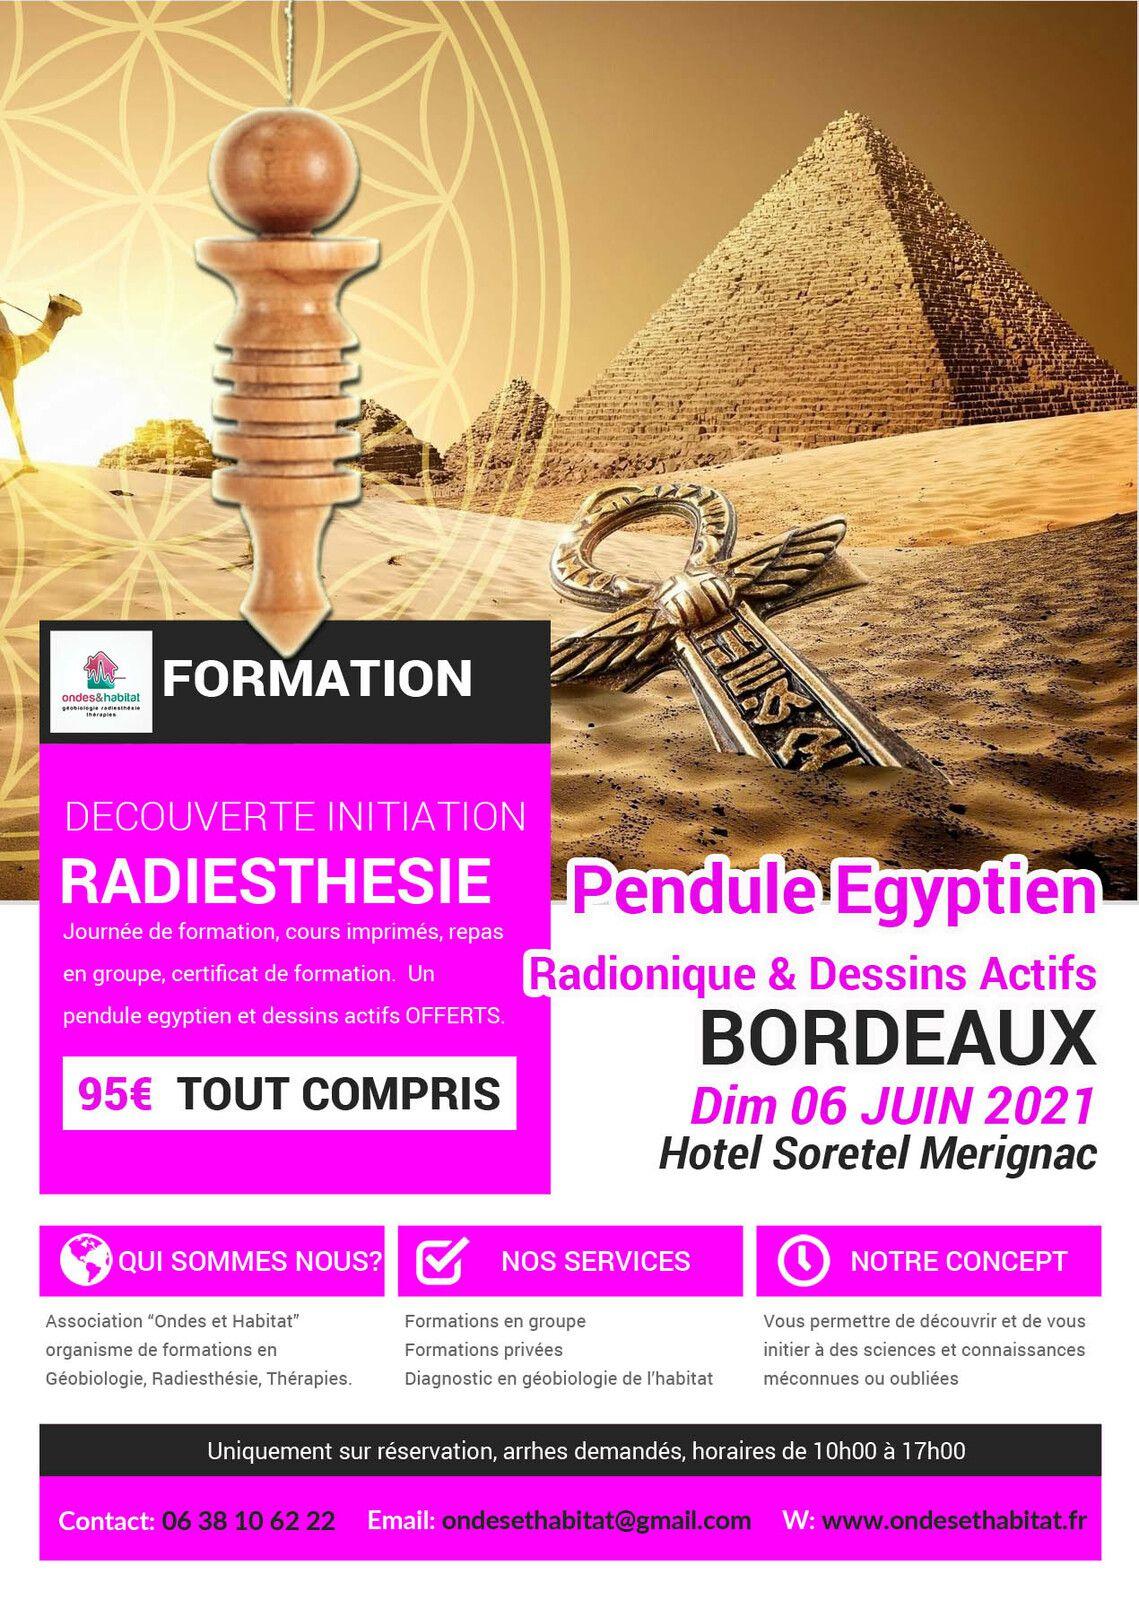 Bordeaux Formation radiesthésie : Pendule égyptien, dessins actifs, radionique Dimanche 06 Juin 2021